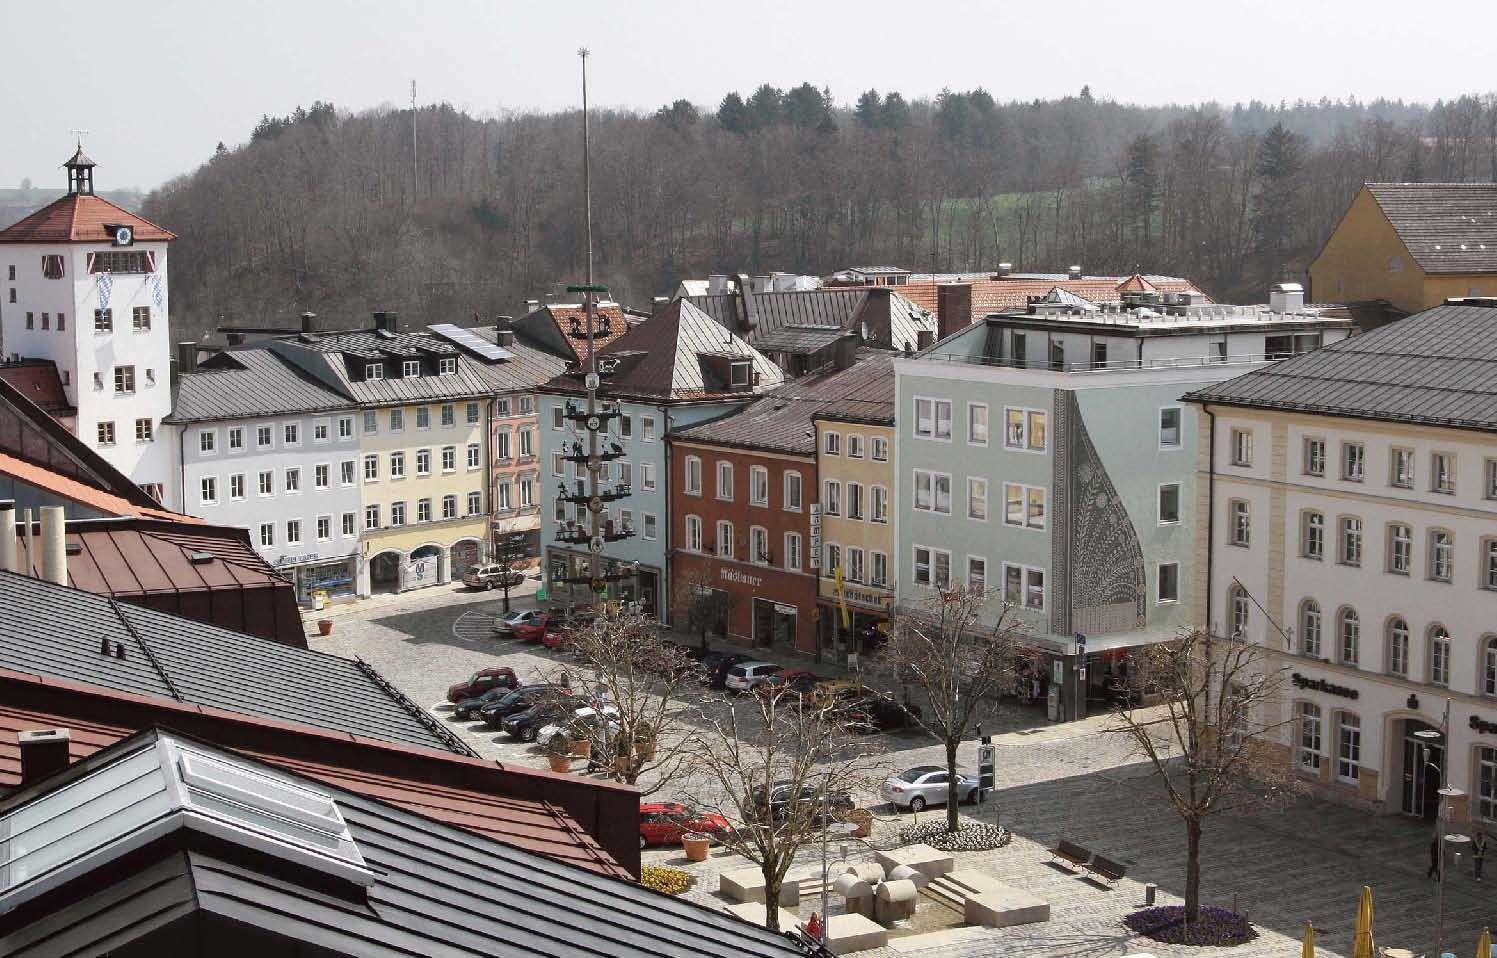 traunstein Historisches Brauhaus Traunstein